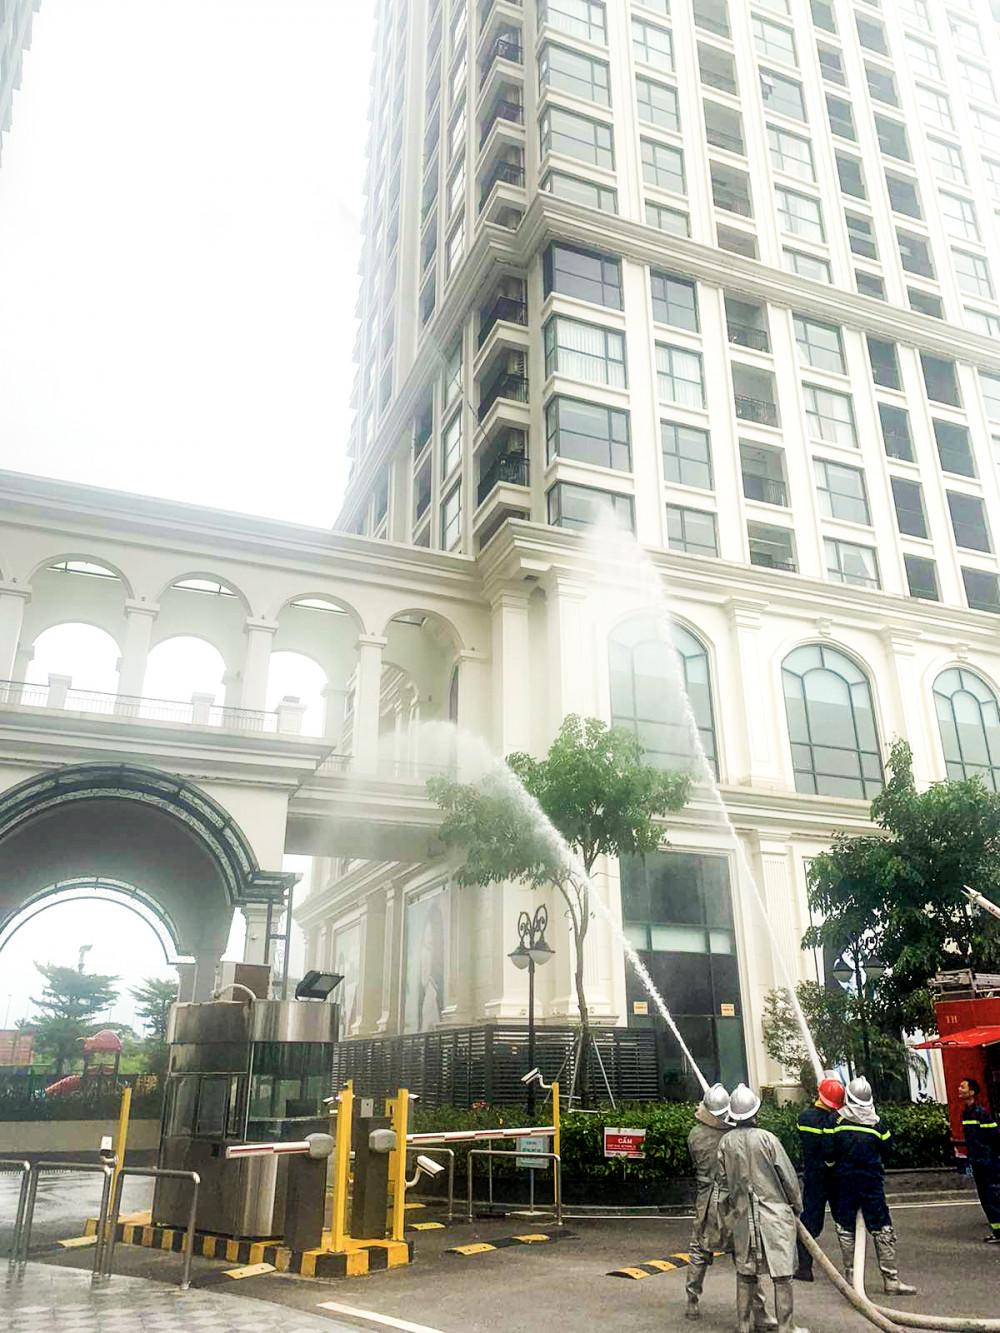 Lực lượng cảnh sát PCCC cùng đội ngũ chữa cháy cơ sở thực tập phương án chữa cháy và cứu nạn cứu hộ nhà cao tầng. Ảnh: Sunshine cung cấp